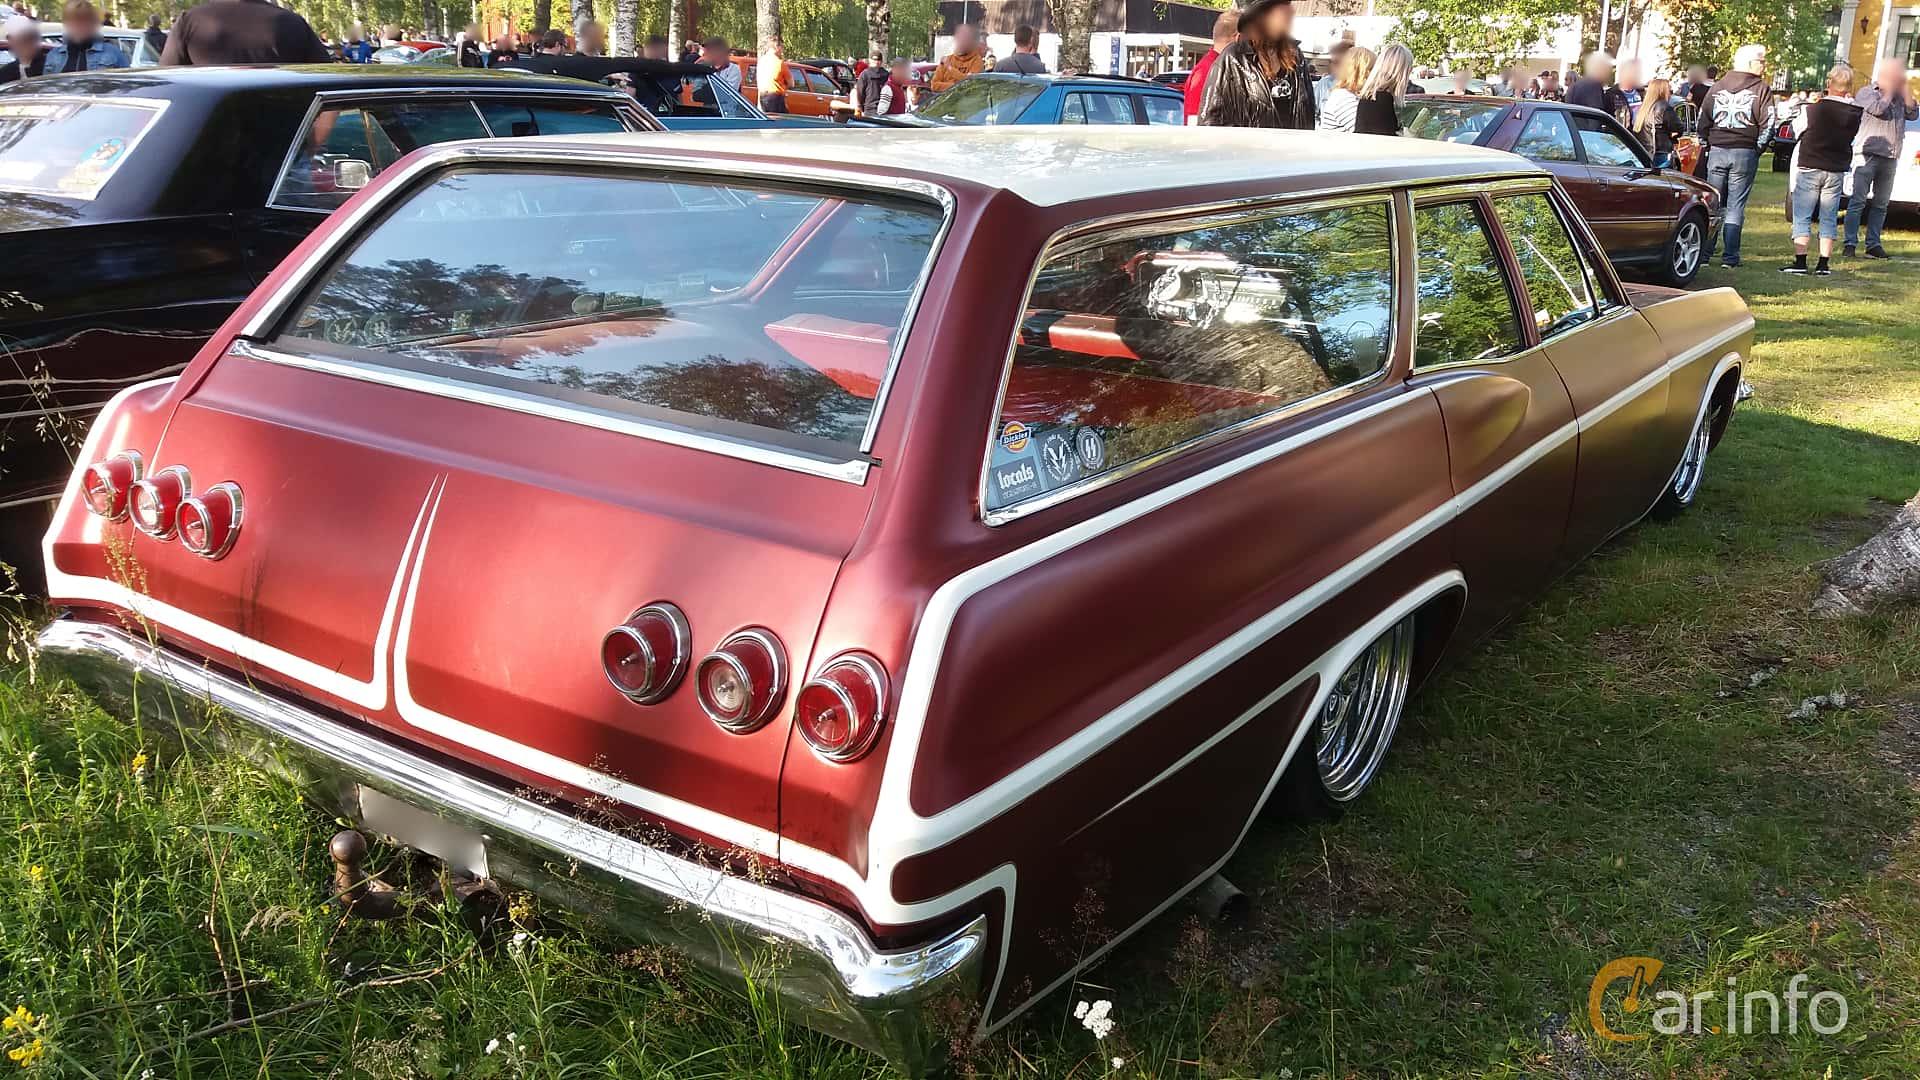 Back/Side of Chevrolet Impala 2-seat Station Wagon 4.6 V8 Powerglide, 198ps, 1965 at Onsdagsträffar på Gammlia Umeå 2019 vecka 28